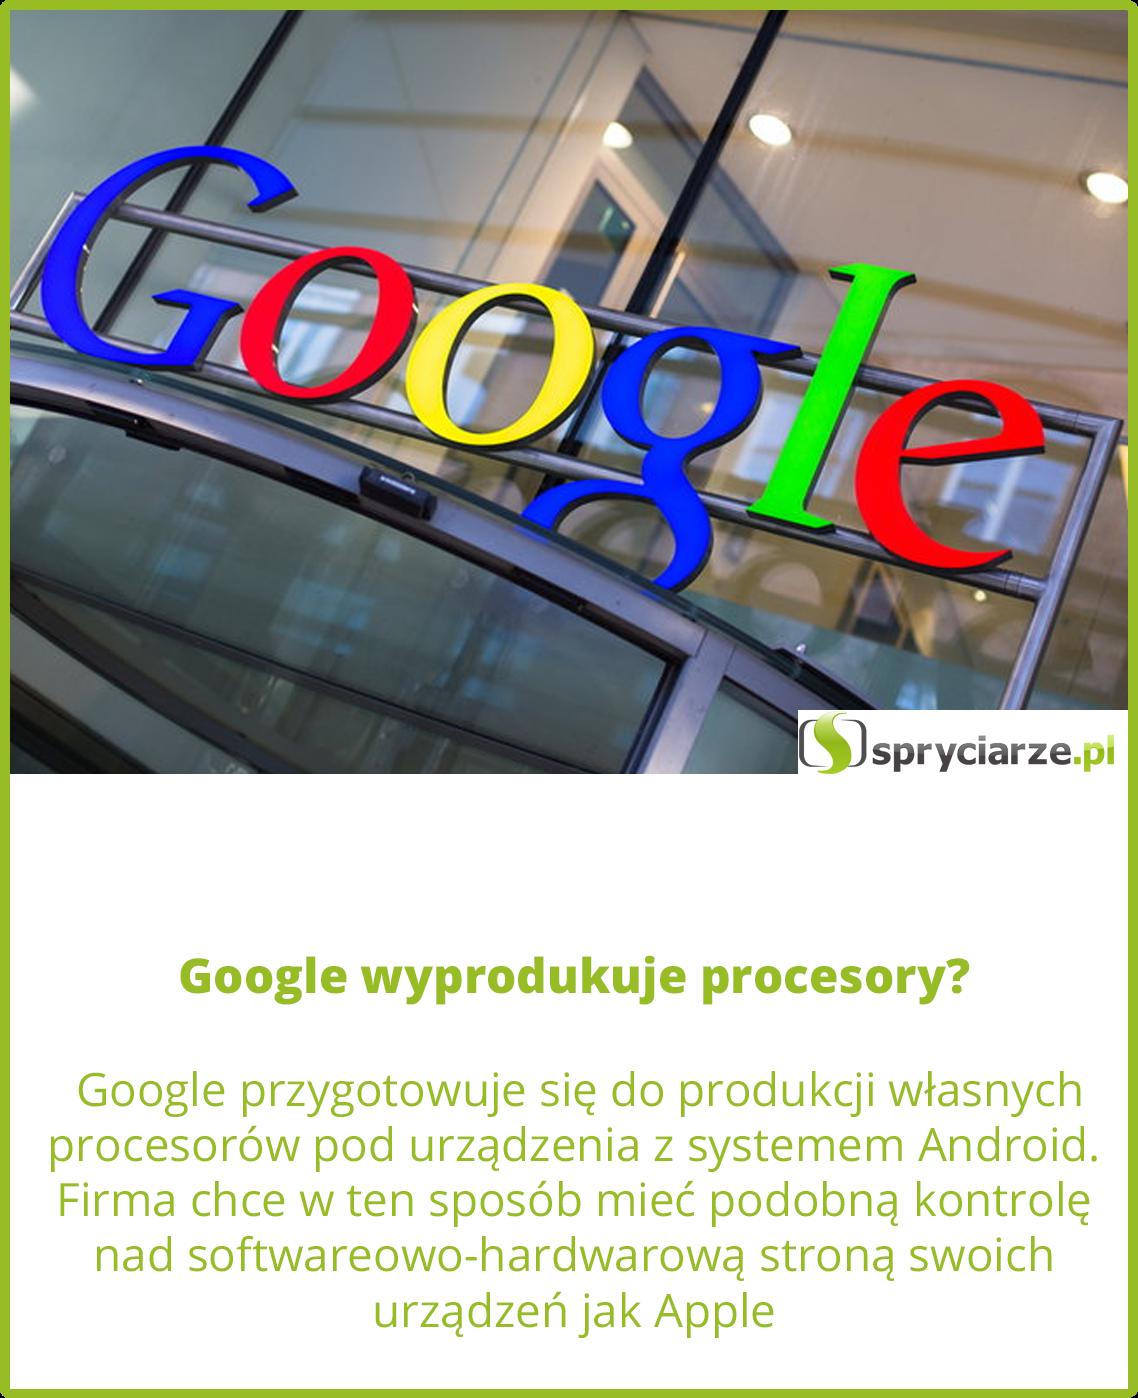 Google wyprodukuje procesory?